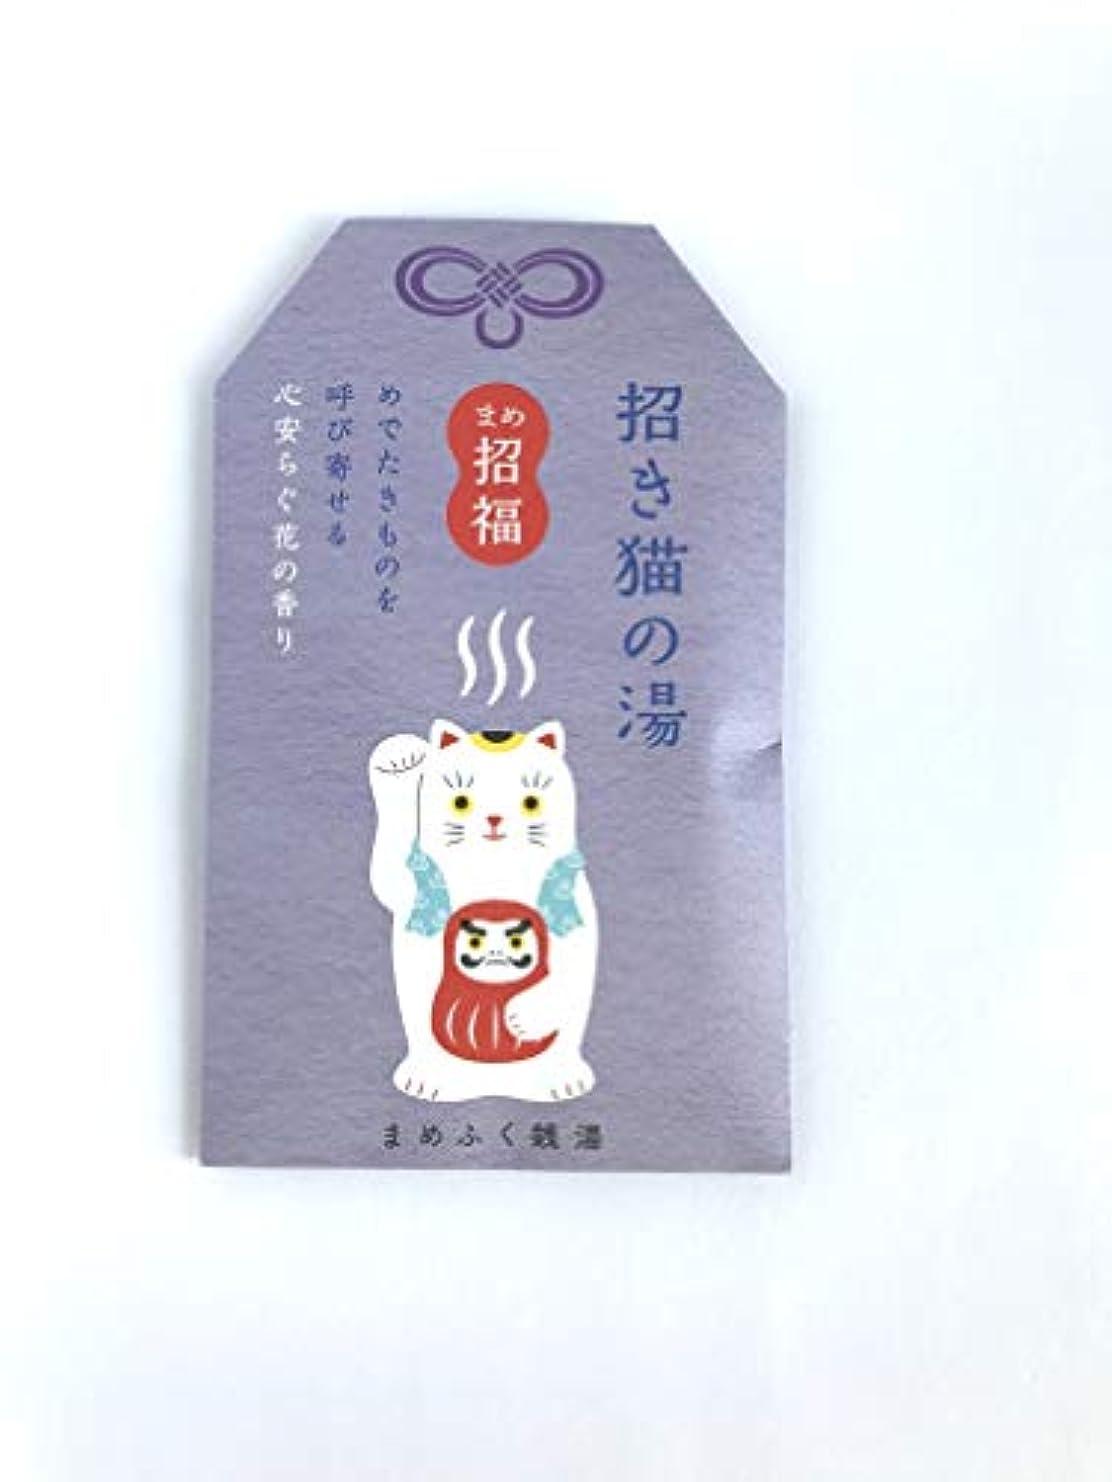 蒸留する慣習表現まめふく銭湯 [医薬部外品]《ちっちゃくて愛らしい縁起物たちの入浴剤》招き猫の湯